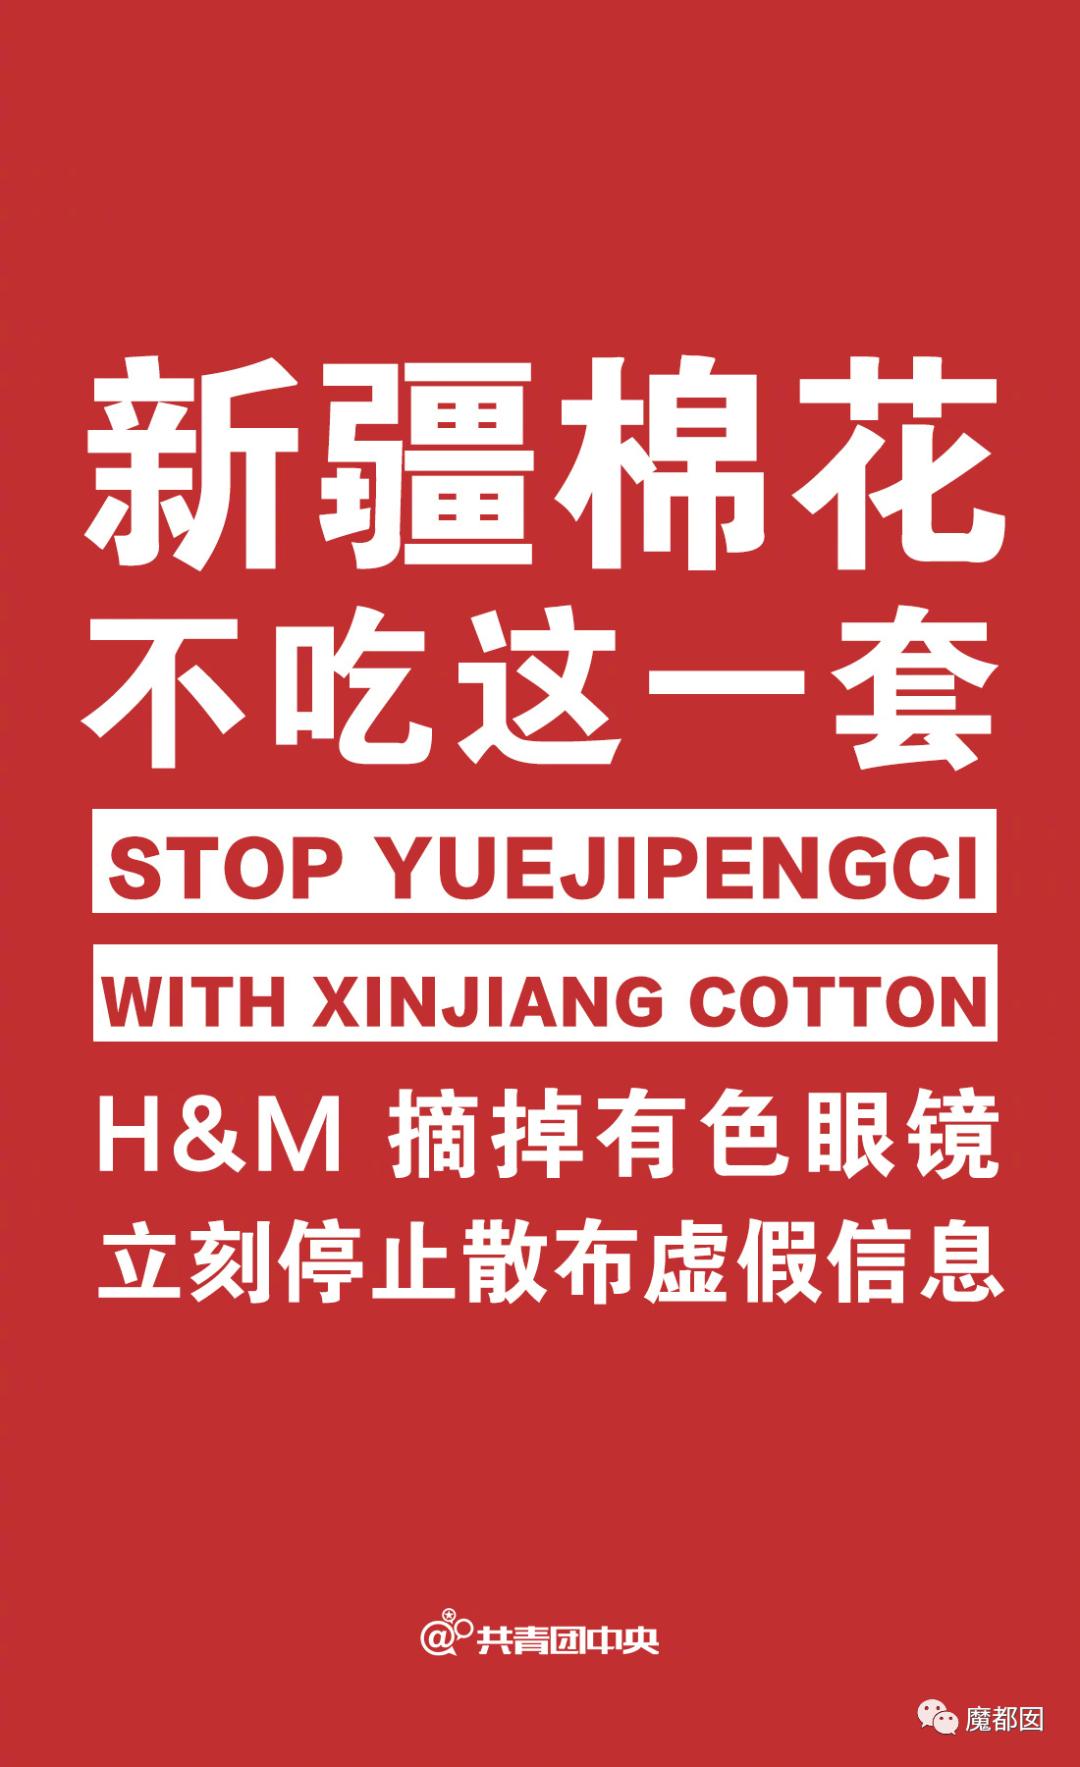 禁用新疆棉花,干涩中国内政,HM、优衣库、ZARA、耐克、阿迪达斯等引公愤46